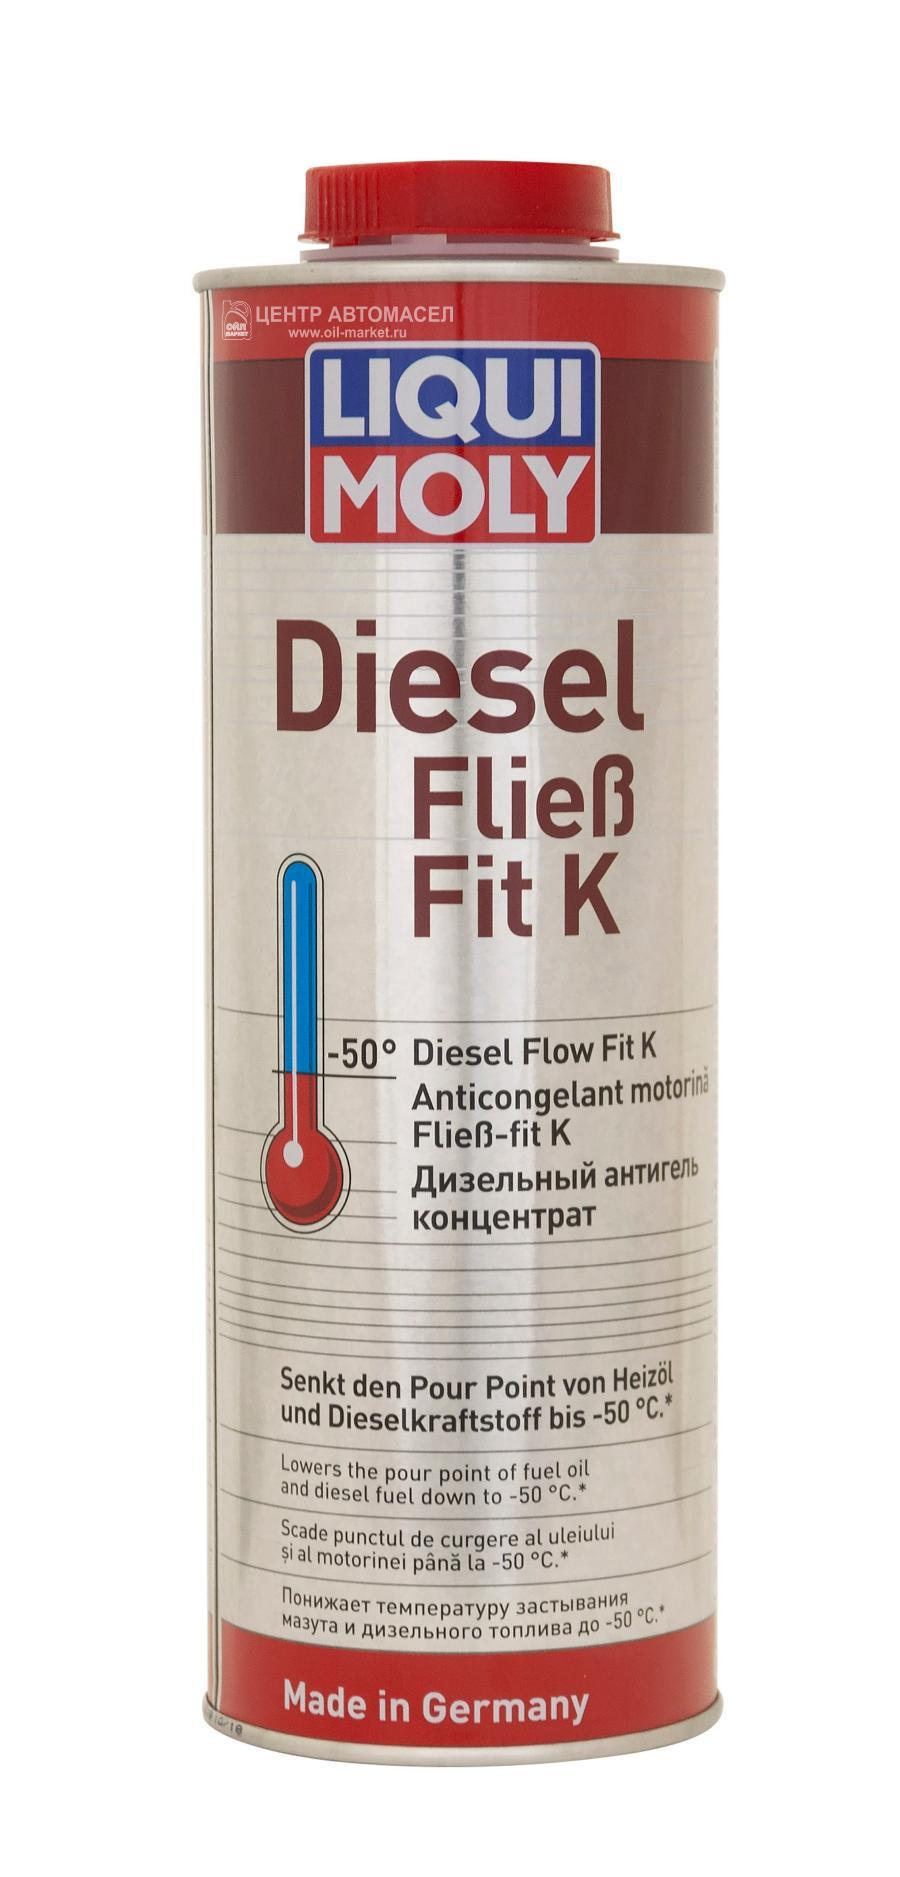 Антигель дизельный концентрат Diesel Fliess-Fit K (1л)